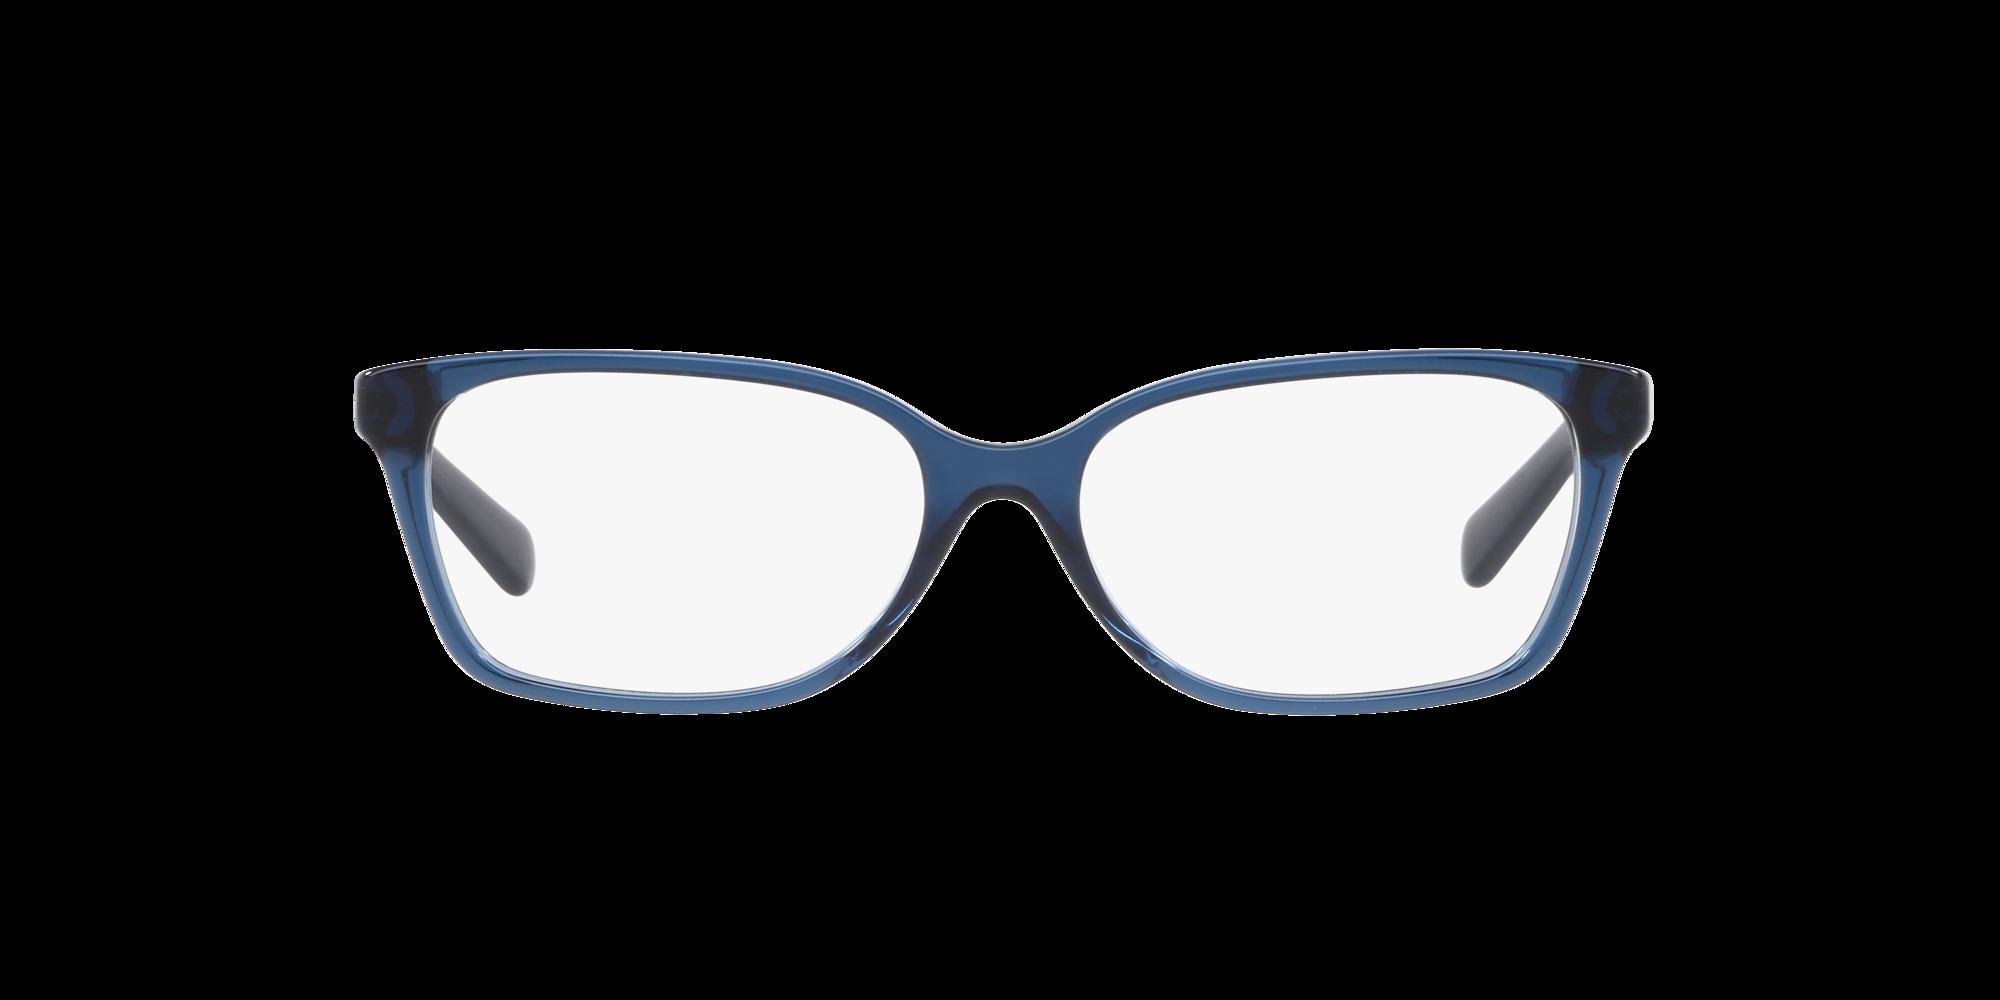 Imagen para MK4039 INDIA de LensCrafters |  Espejuelos, espejuelos graduados en línea, gafas